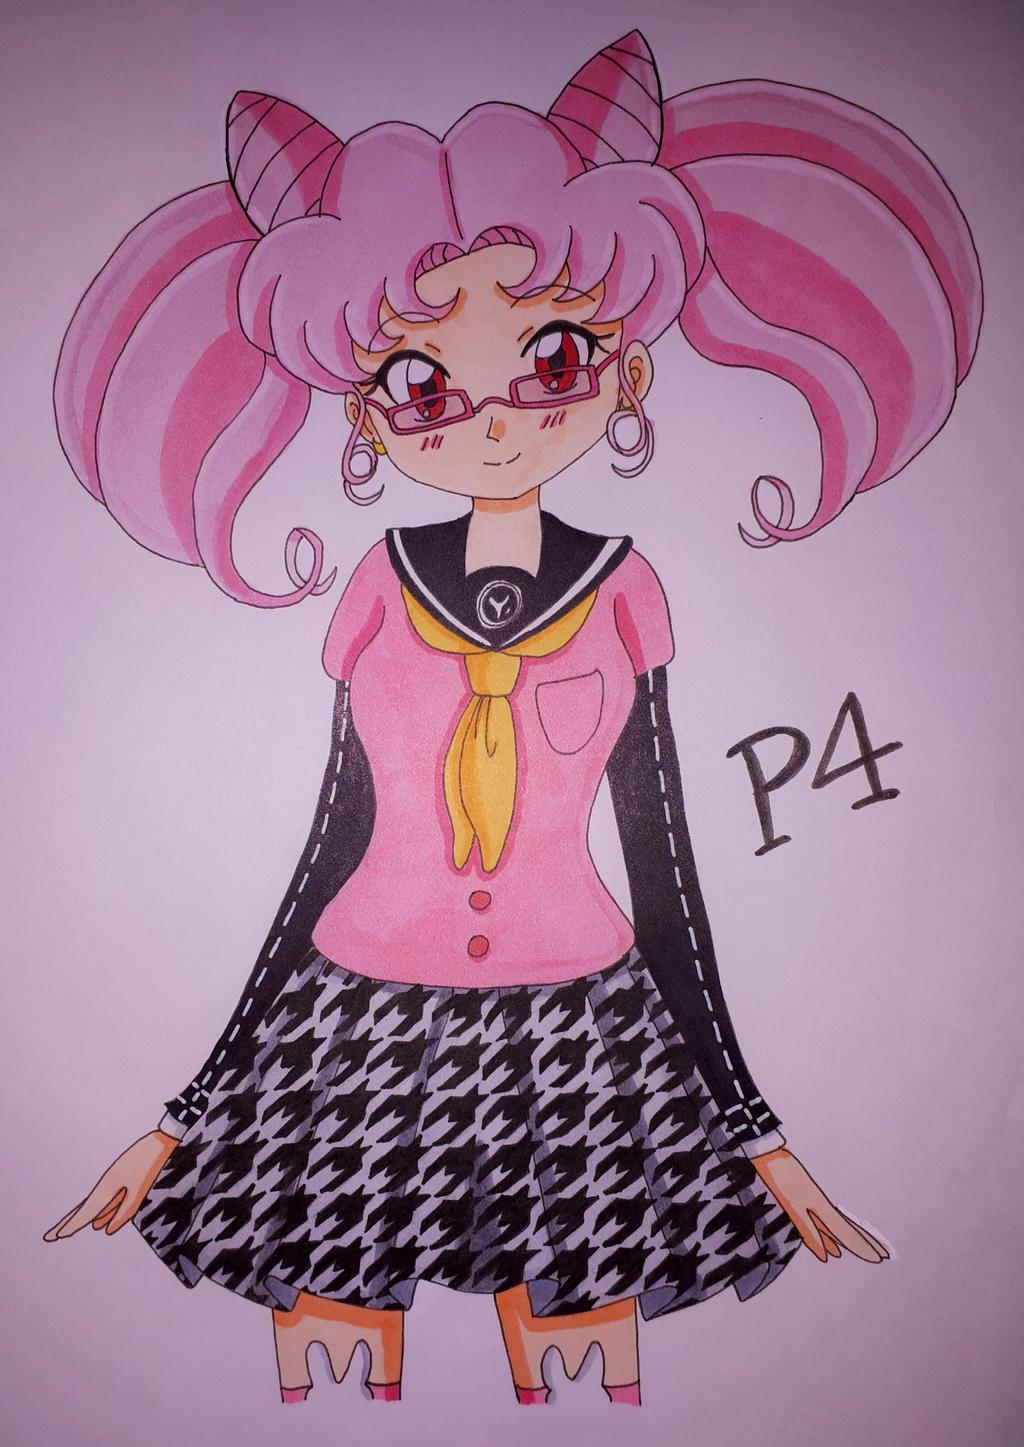 Chibiusa Persona 4 design (Colored)